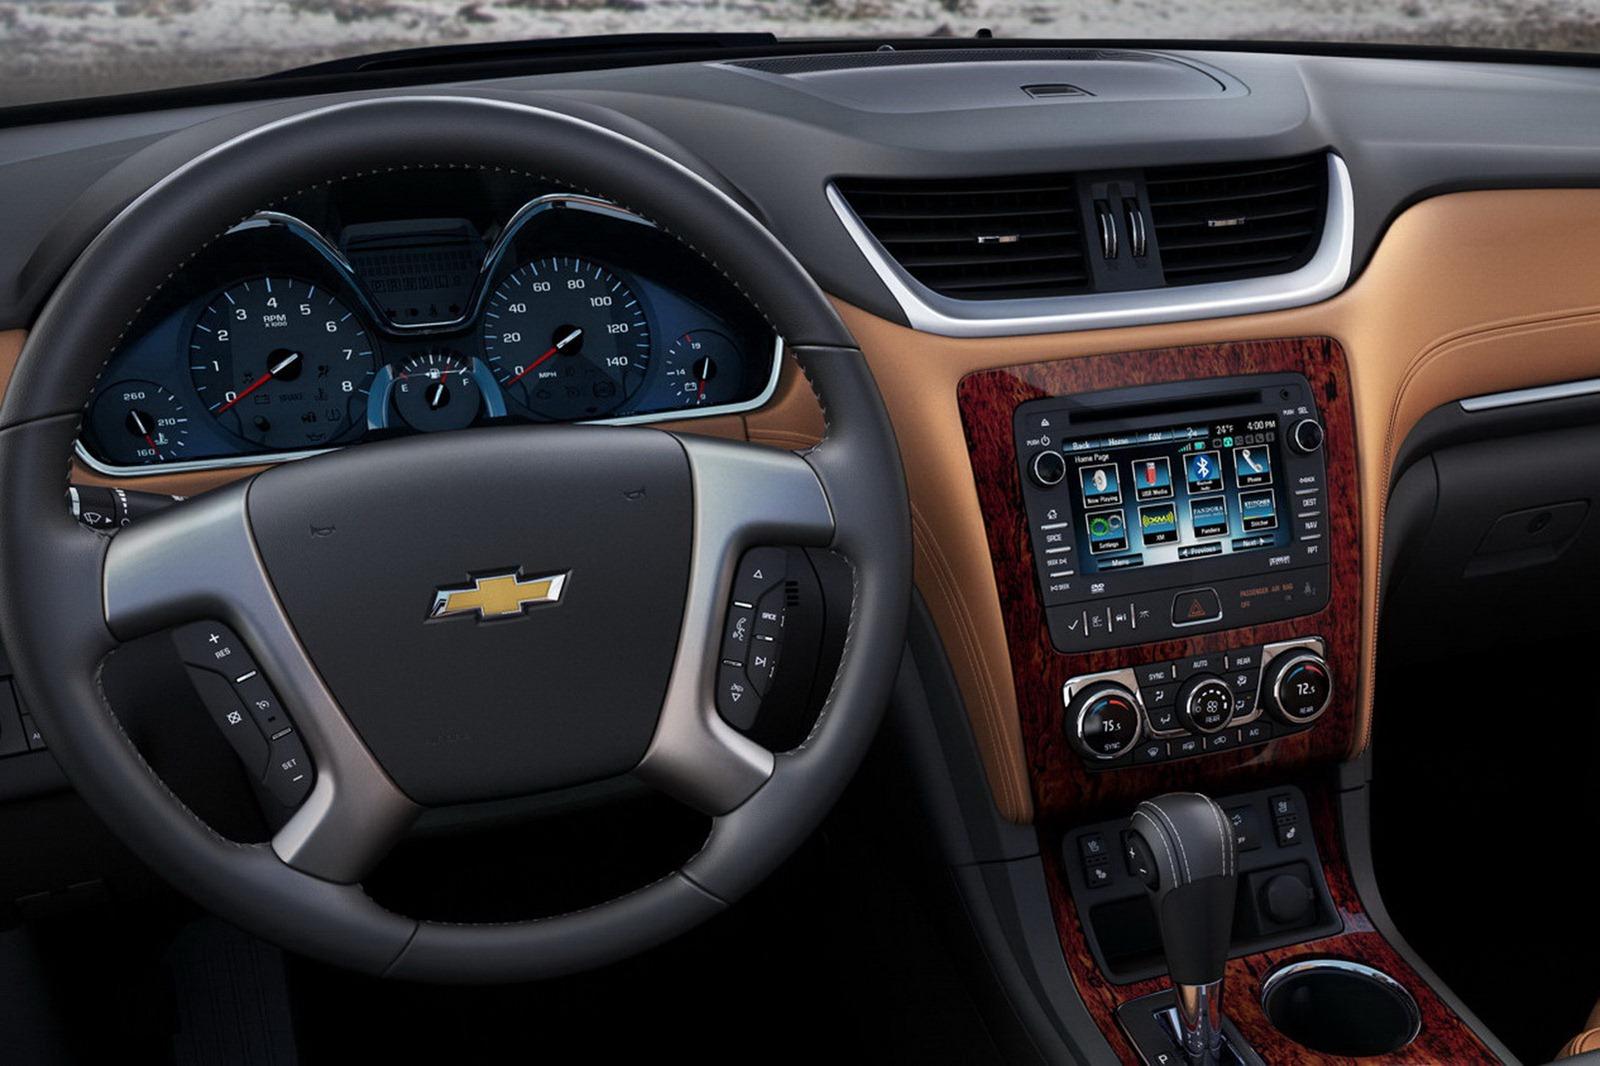 شكل دركسون ترافرس Chevrolet Traverse 2013   المرسال